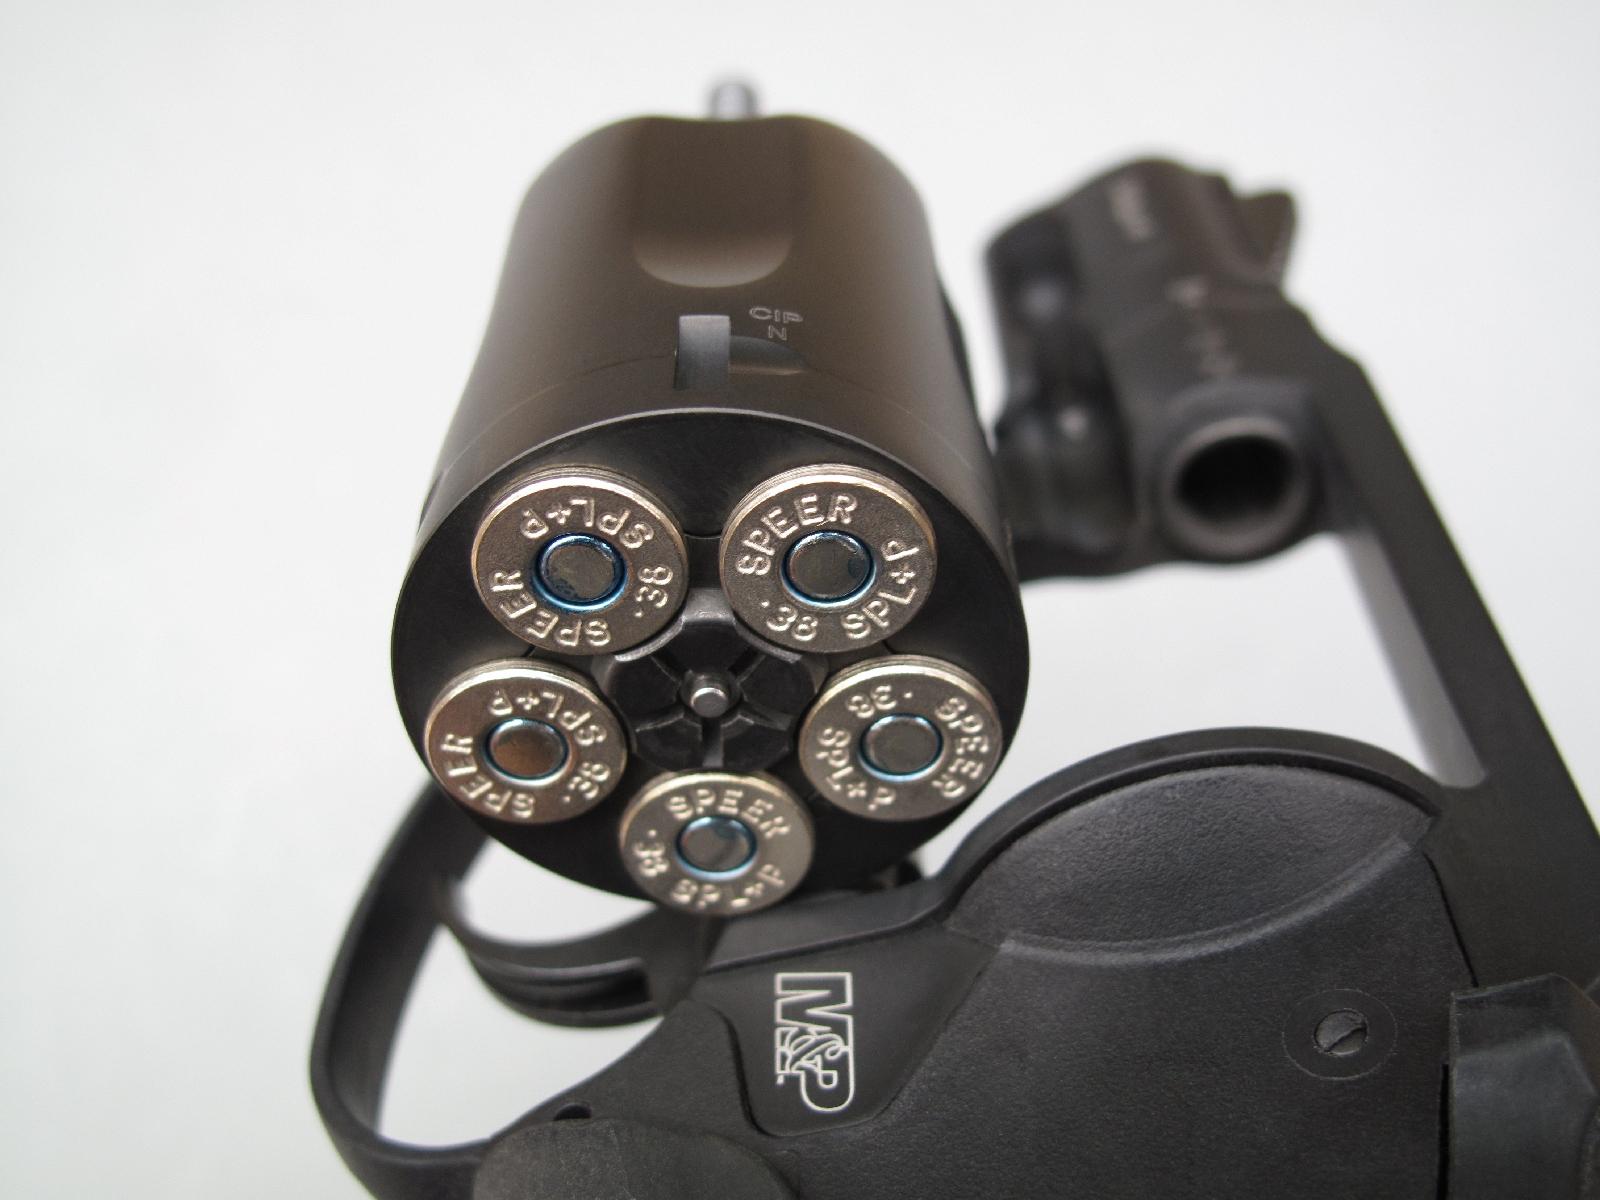 Ce revolver est doté d'un barillet à cinq coups, ce qui constitue un compromis encombrement/capacité très acceptable pour une arme de poche chambrée en calibre .38 Special.